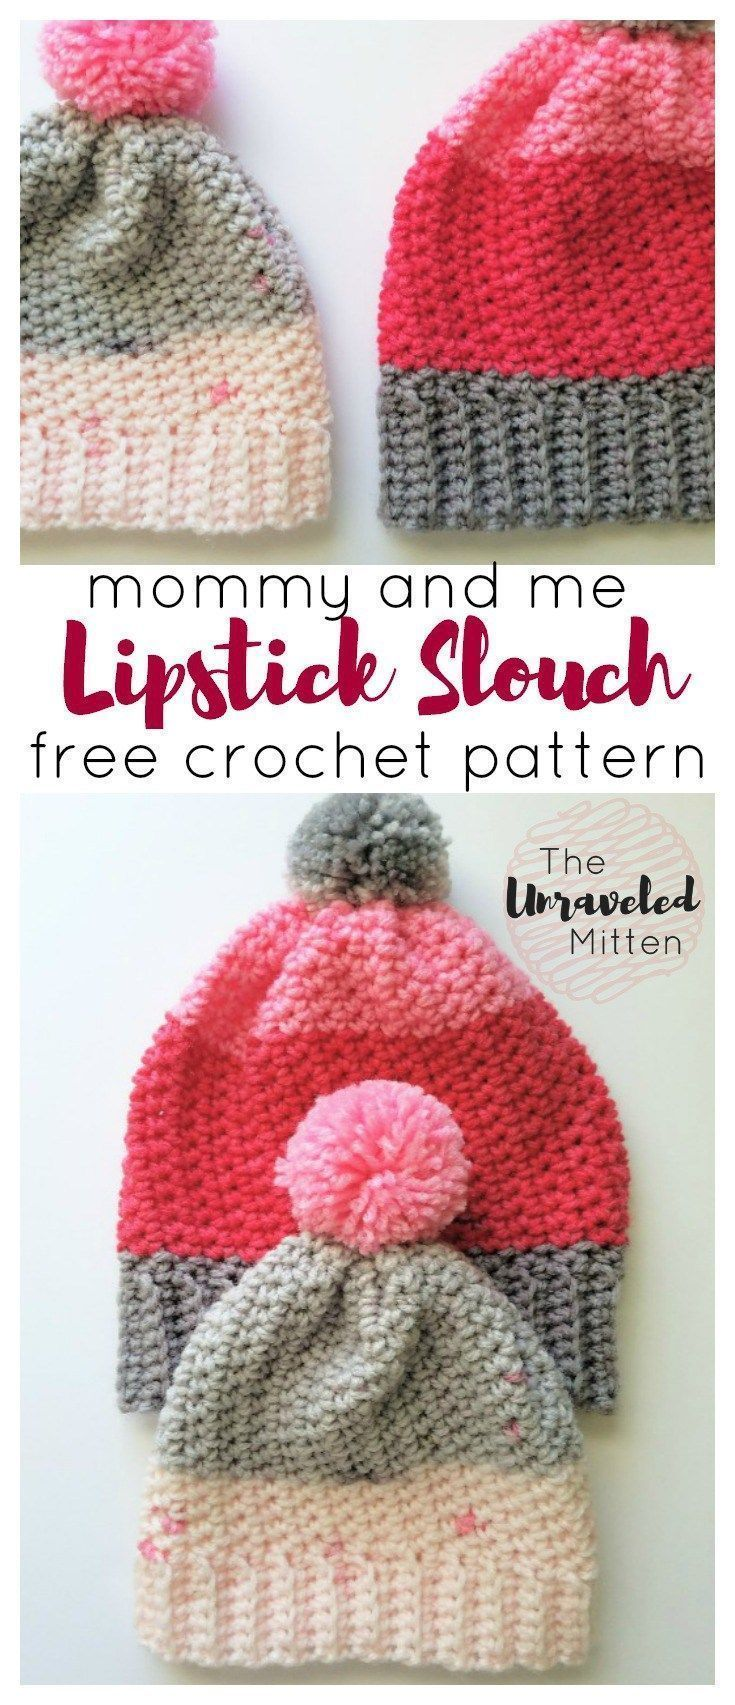 Lipstick Slouchy Hat Free Crochet Pattern  36ffe321a70